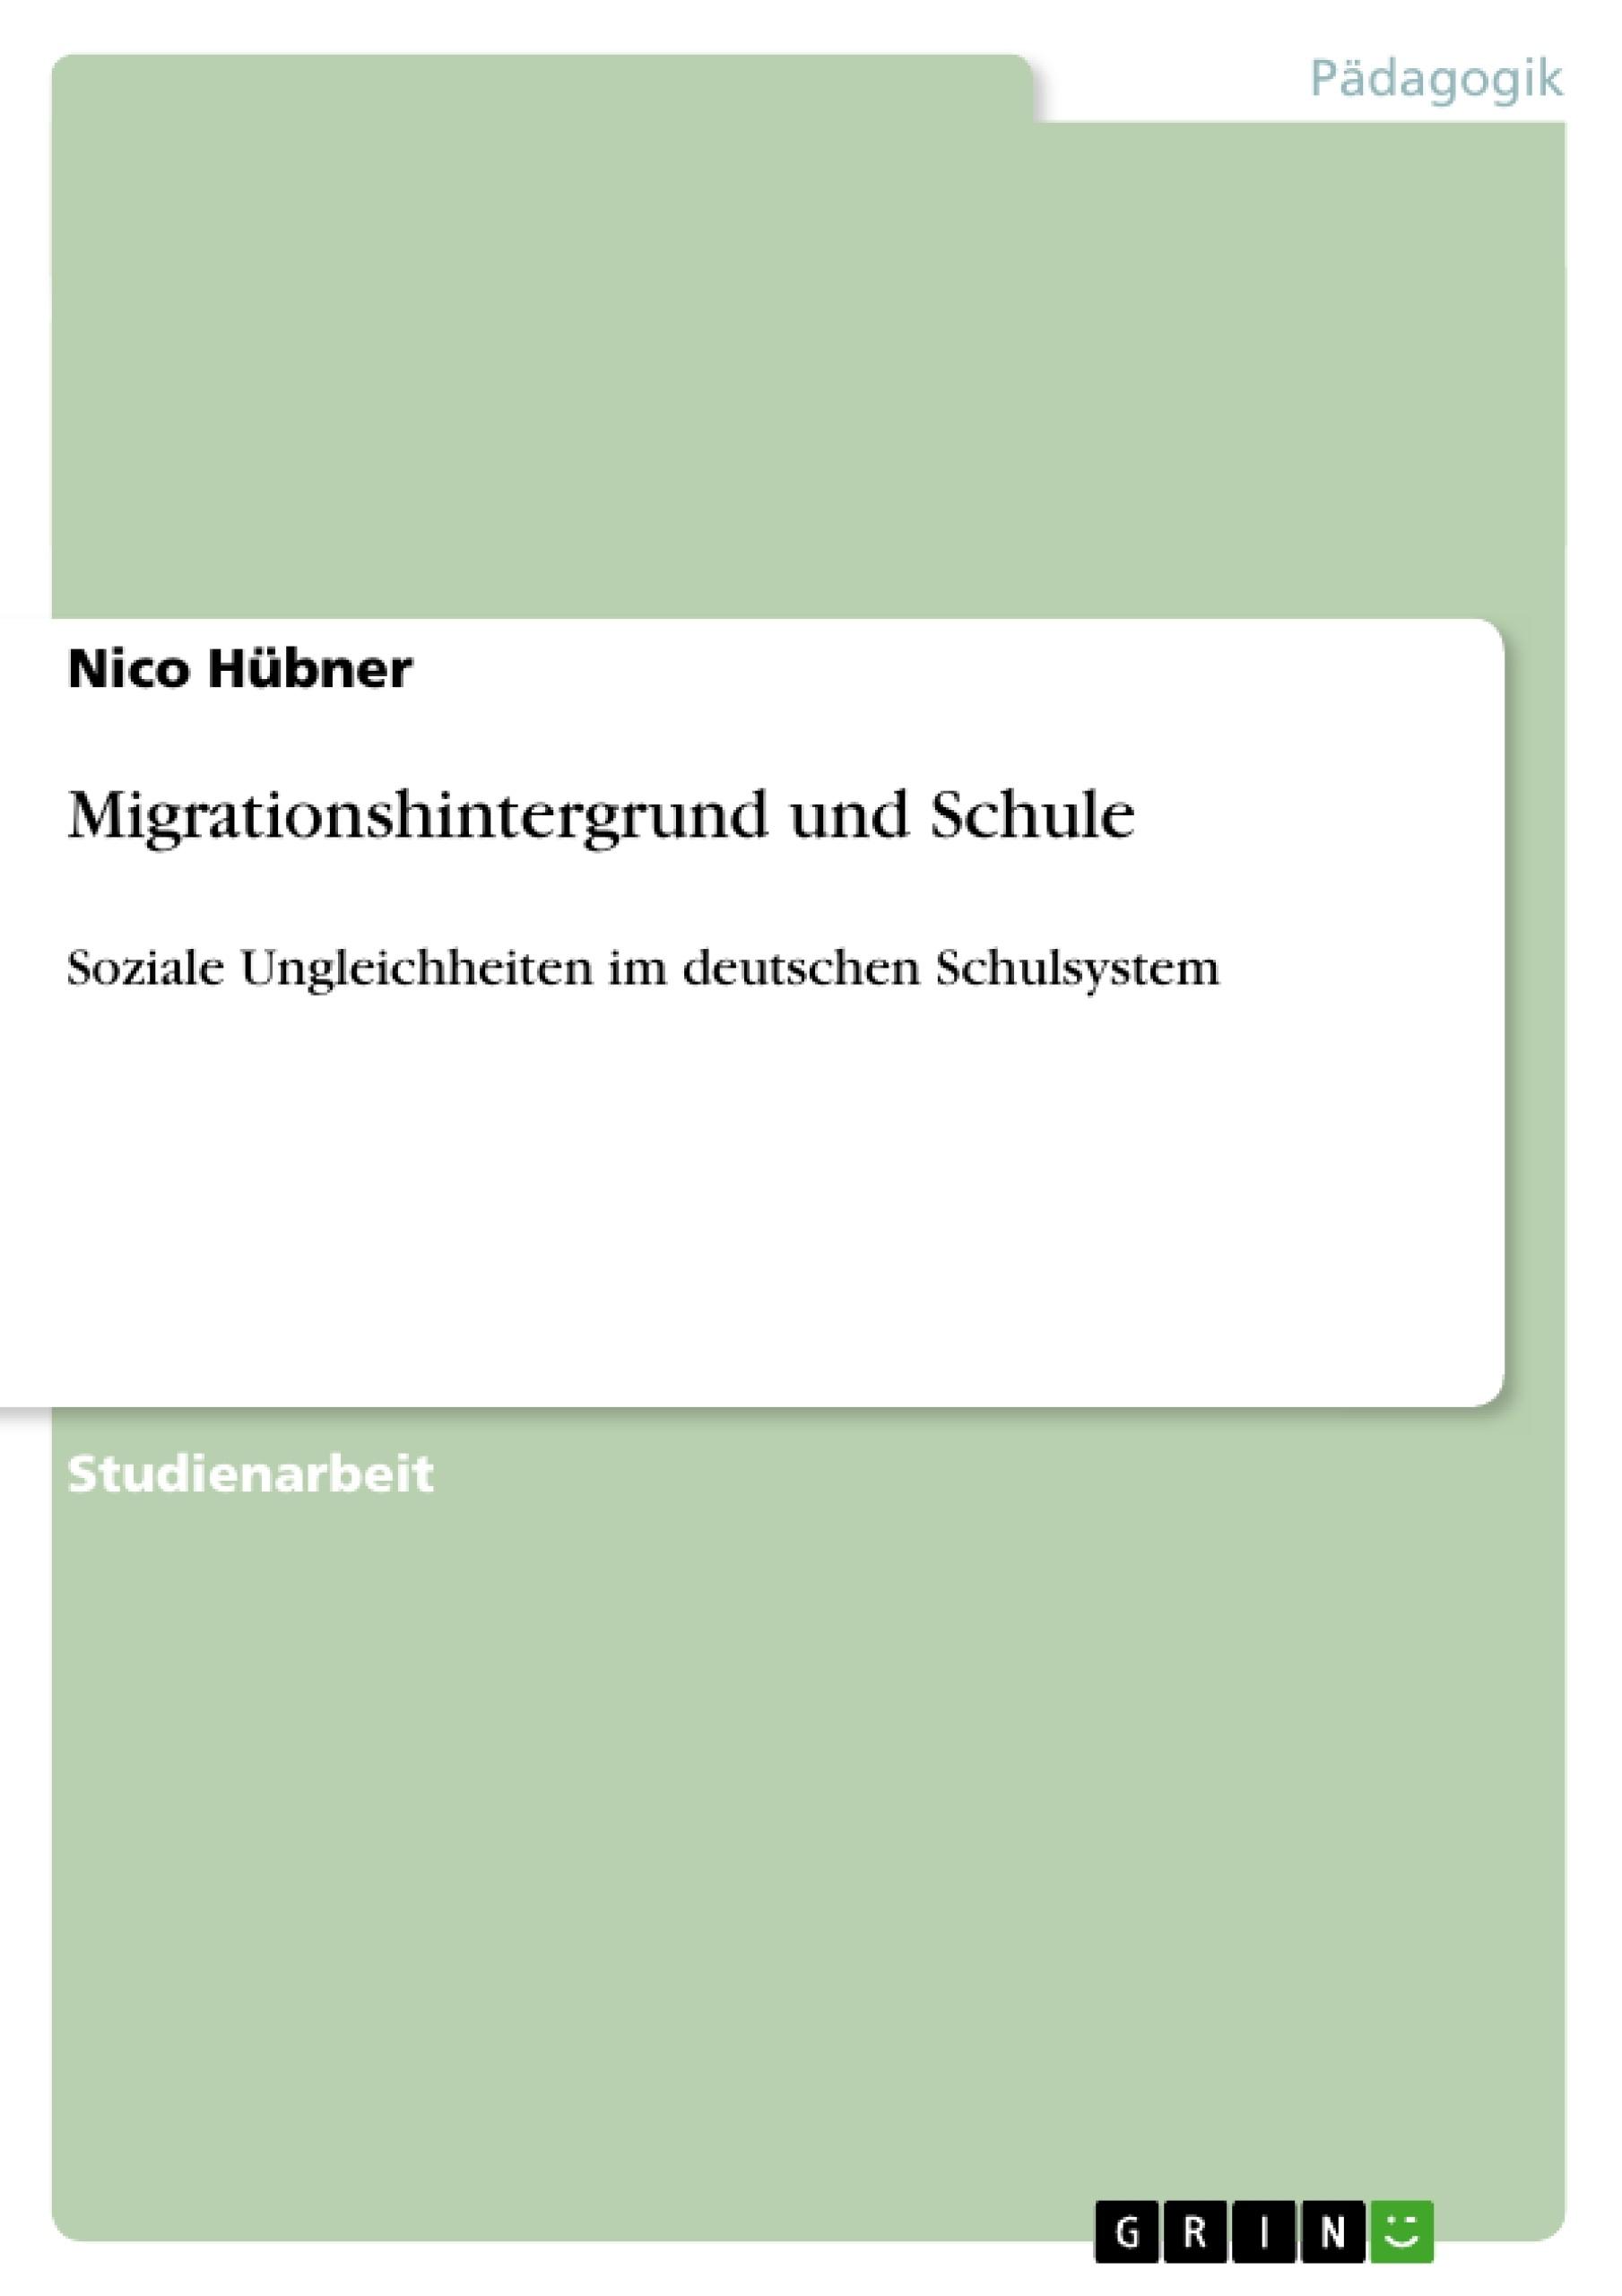 Titel: Migrationshintergrund und Schule